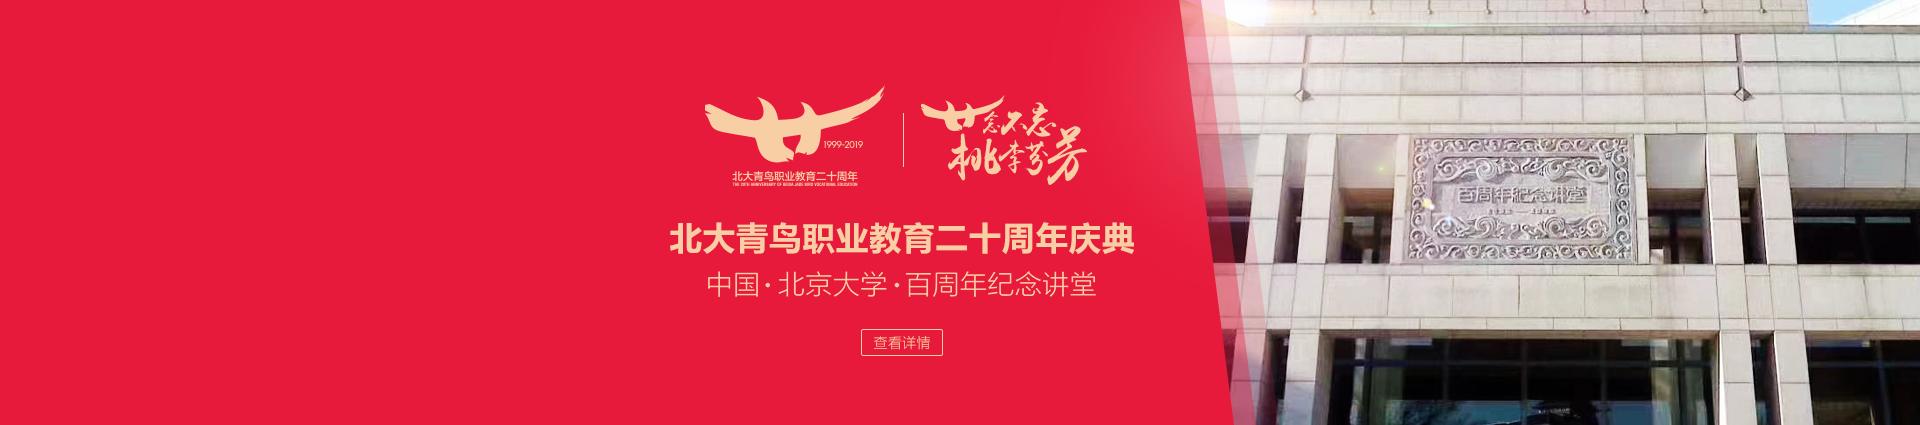 廿念不忘,桃李芬芳——北大青鳥職業教育二十周年慶典盛大舉辦!